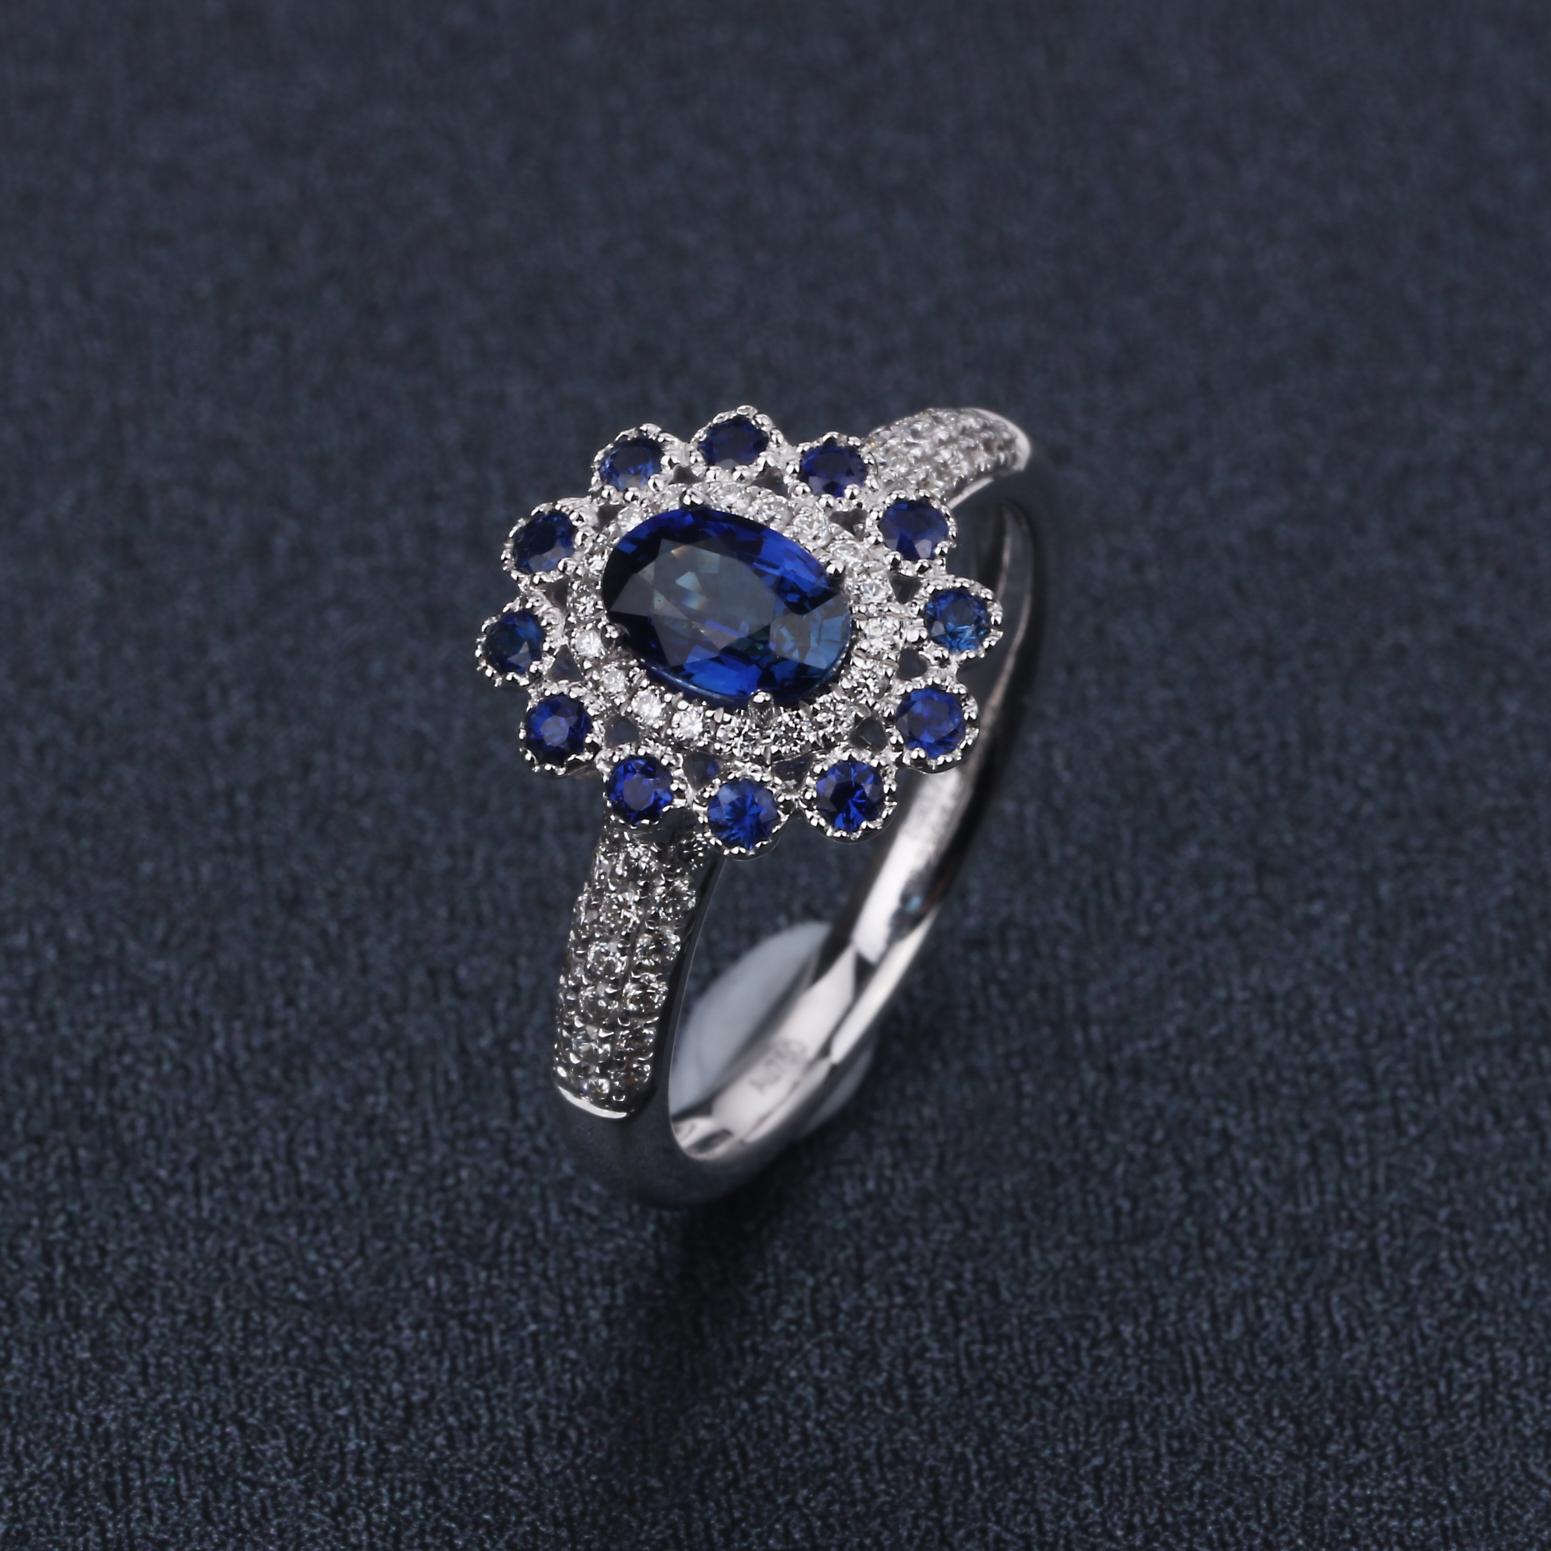 【原价8970元】*【戒指】18k金+蓝宝石+钻石